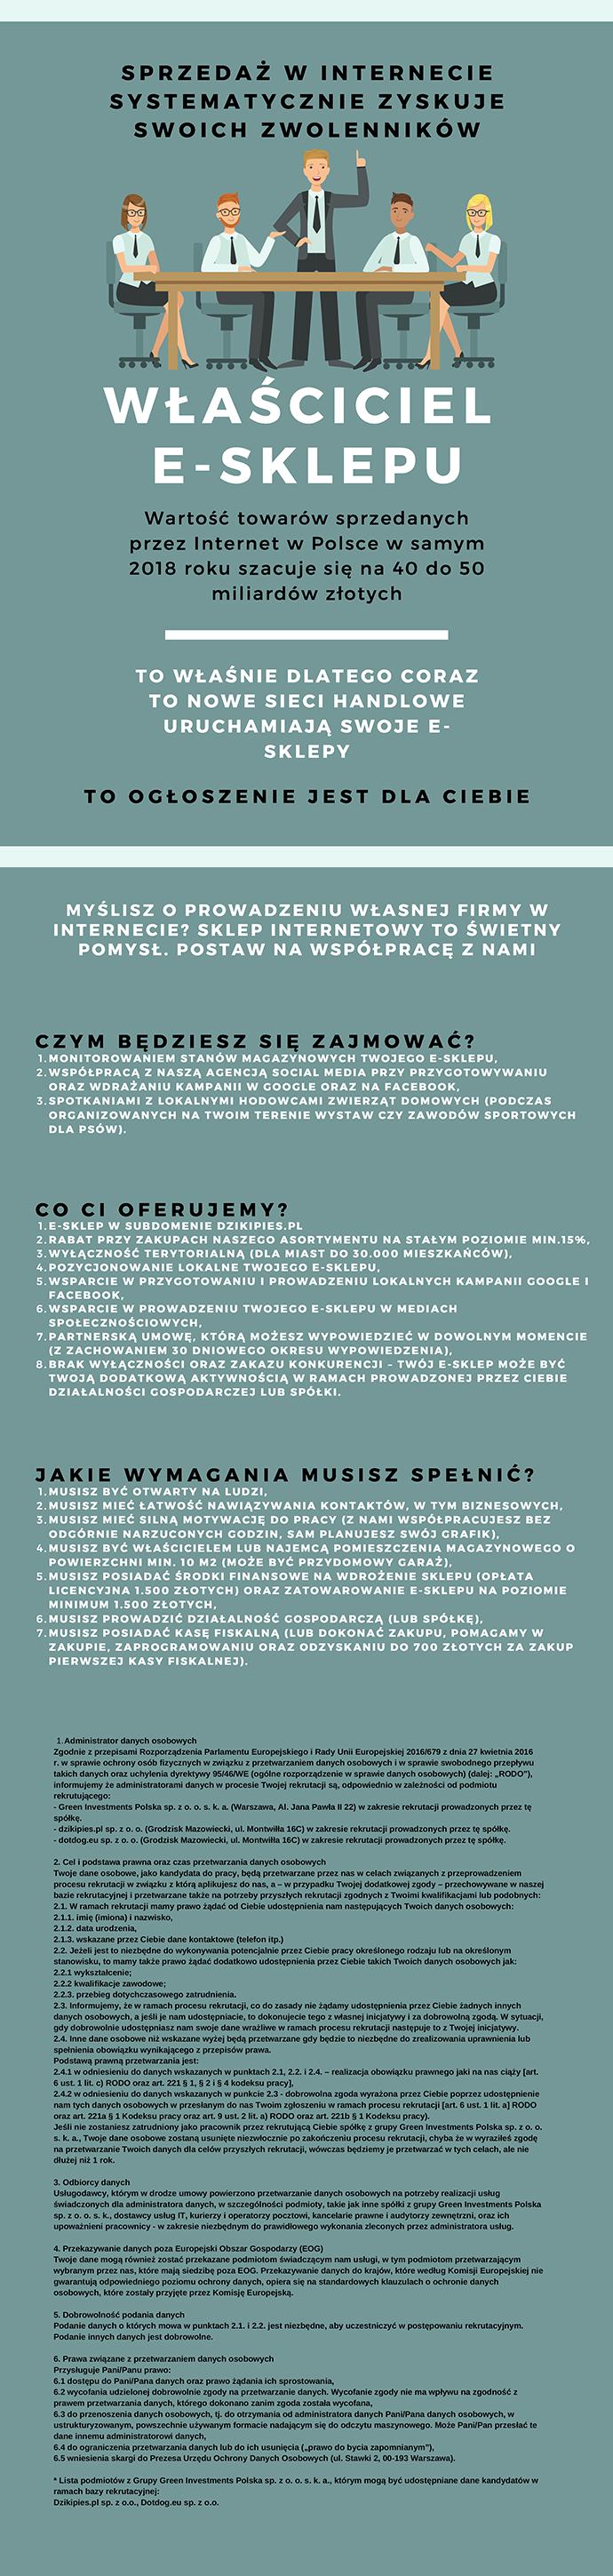 Praca Właściciel e-sklepu, Tuchola, Sępólno Krajeńskie